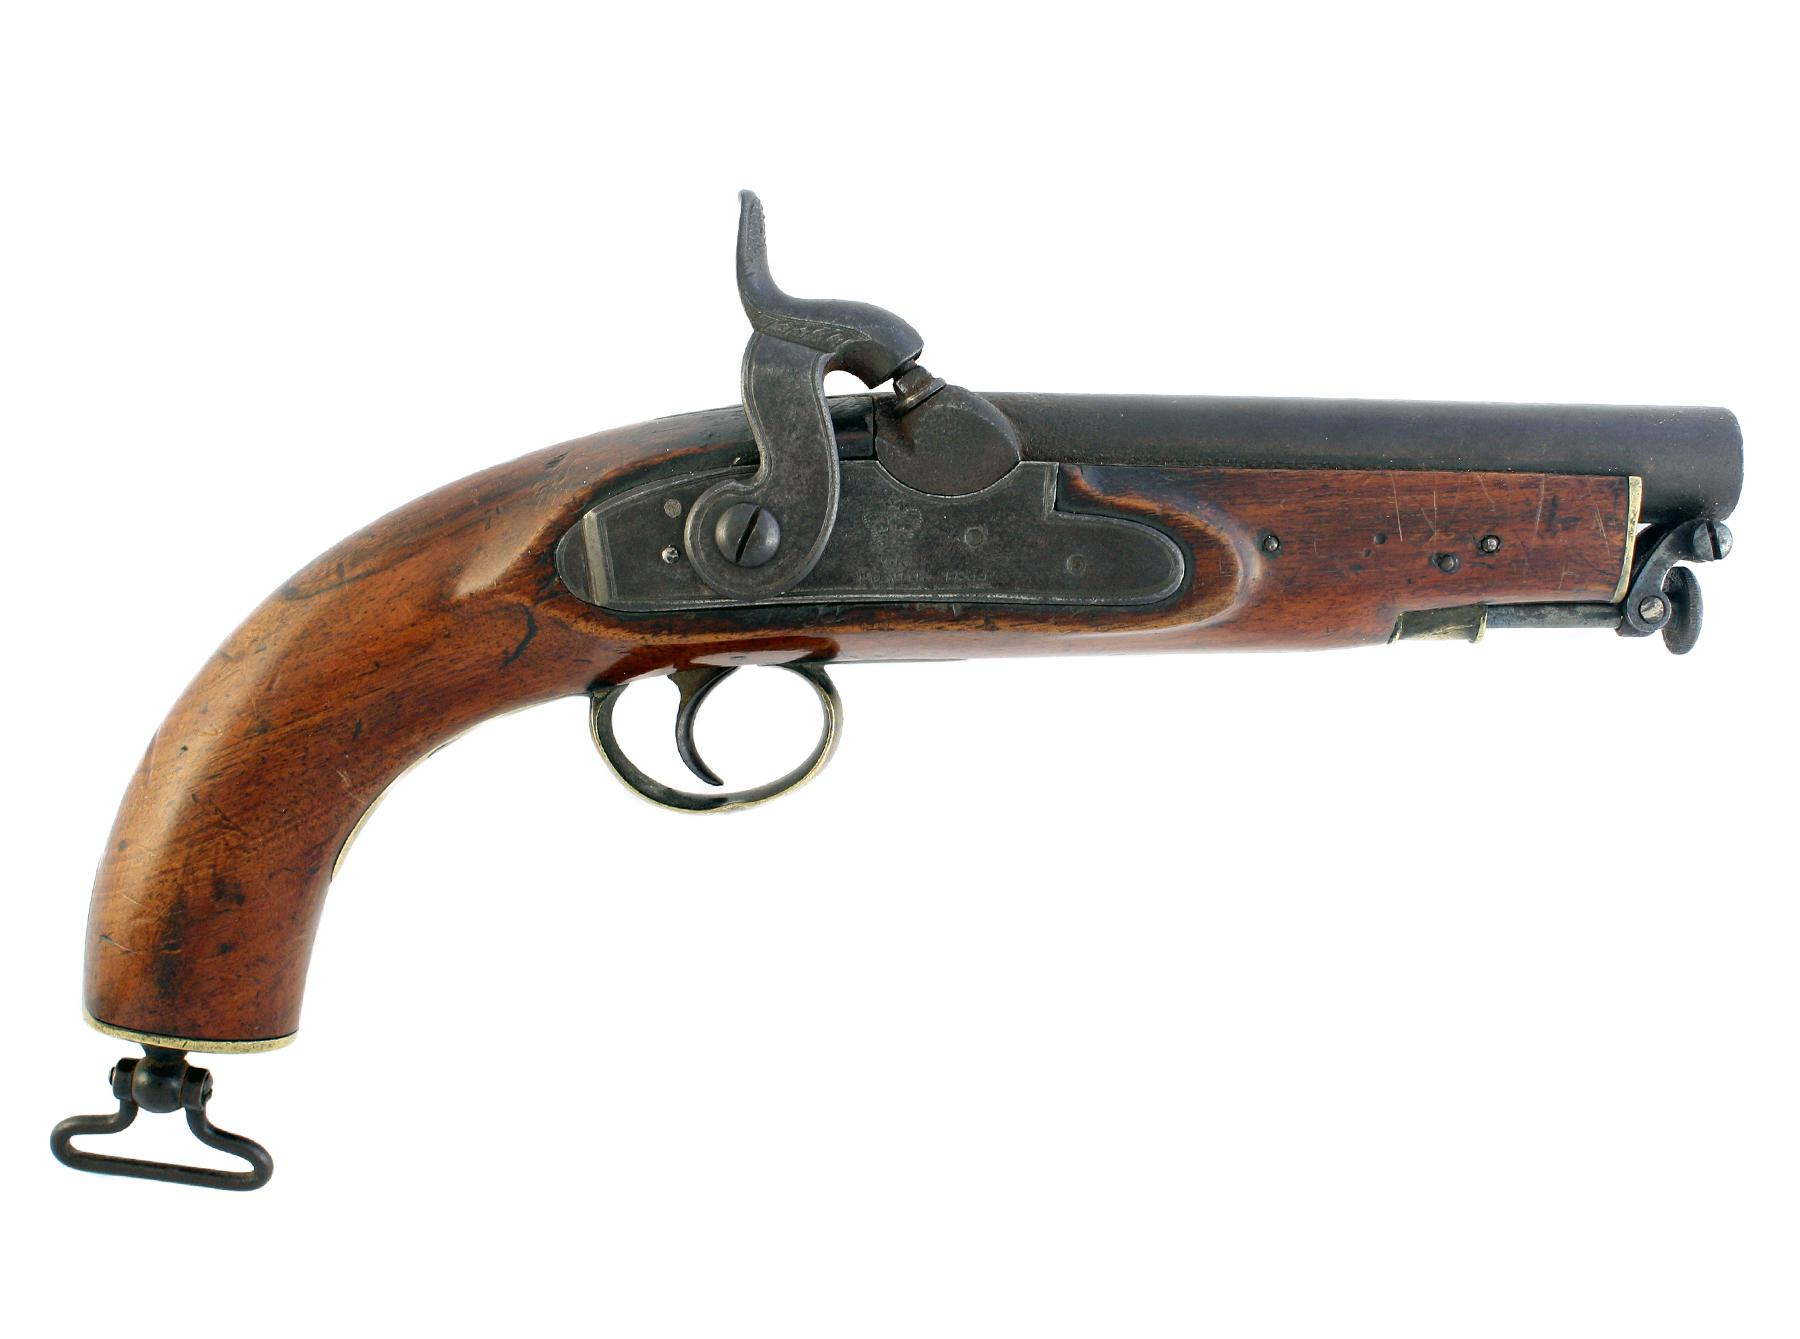 A Sea Service Pistol